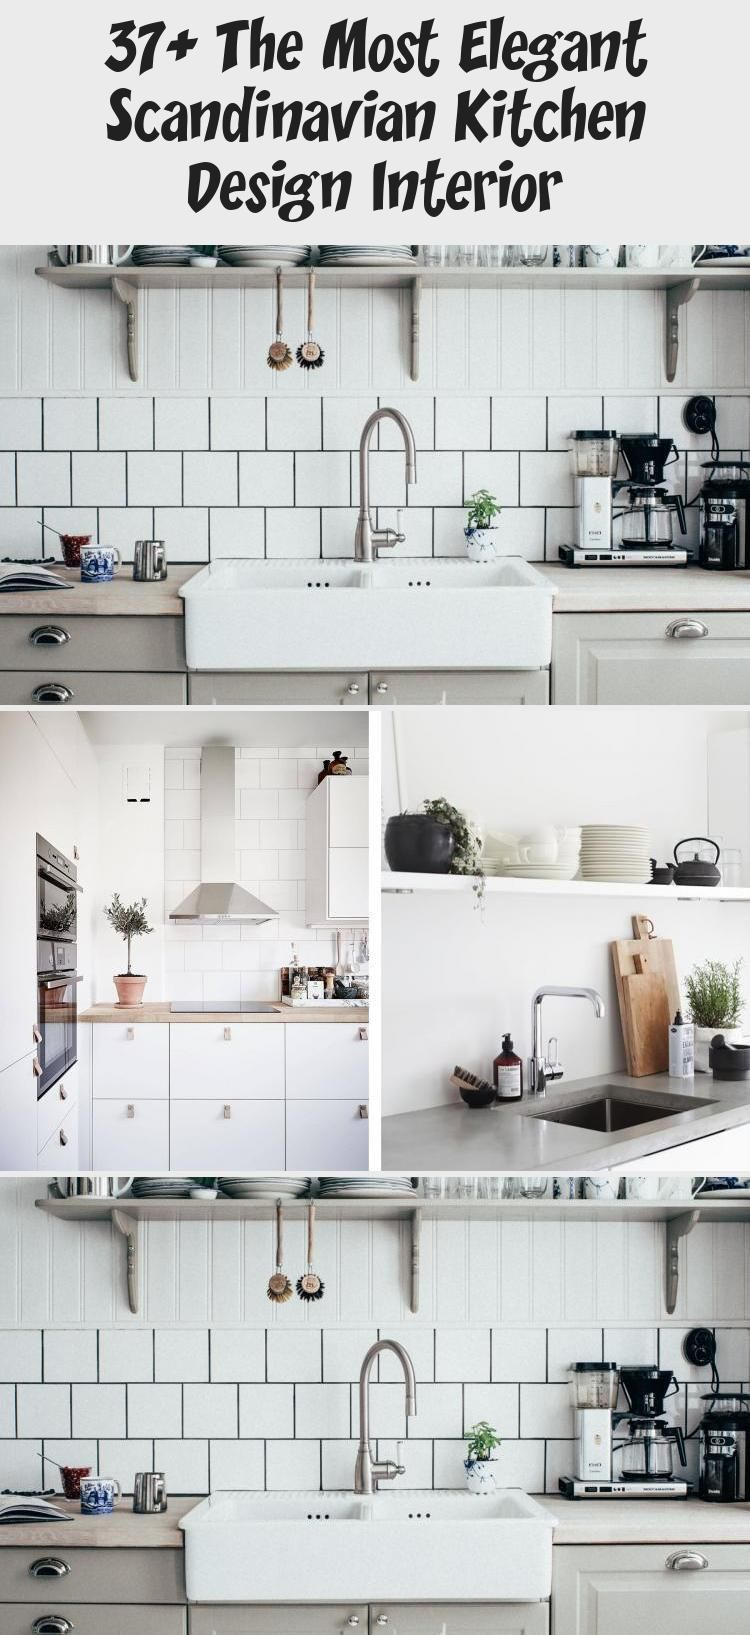 5+ The Most Elegant Scandinavian Kitchen Design Interior